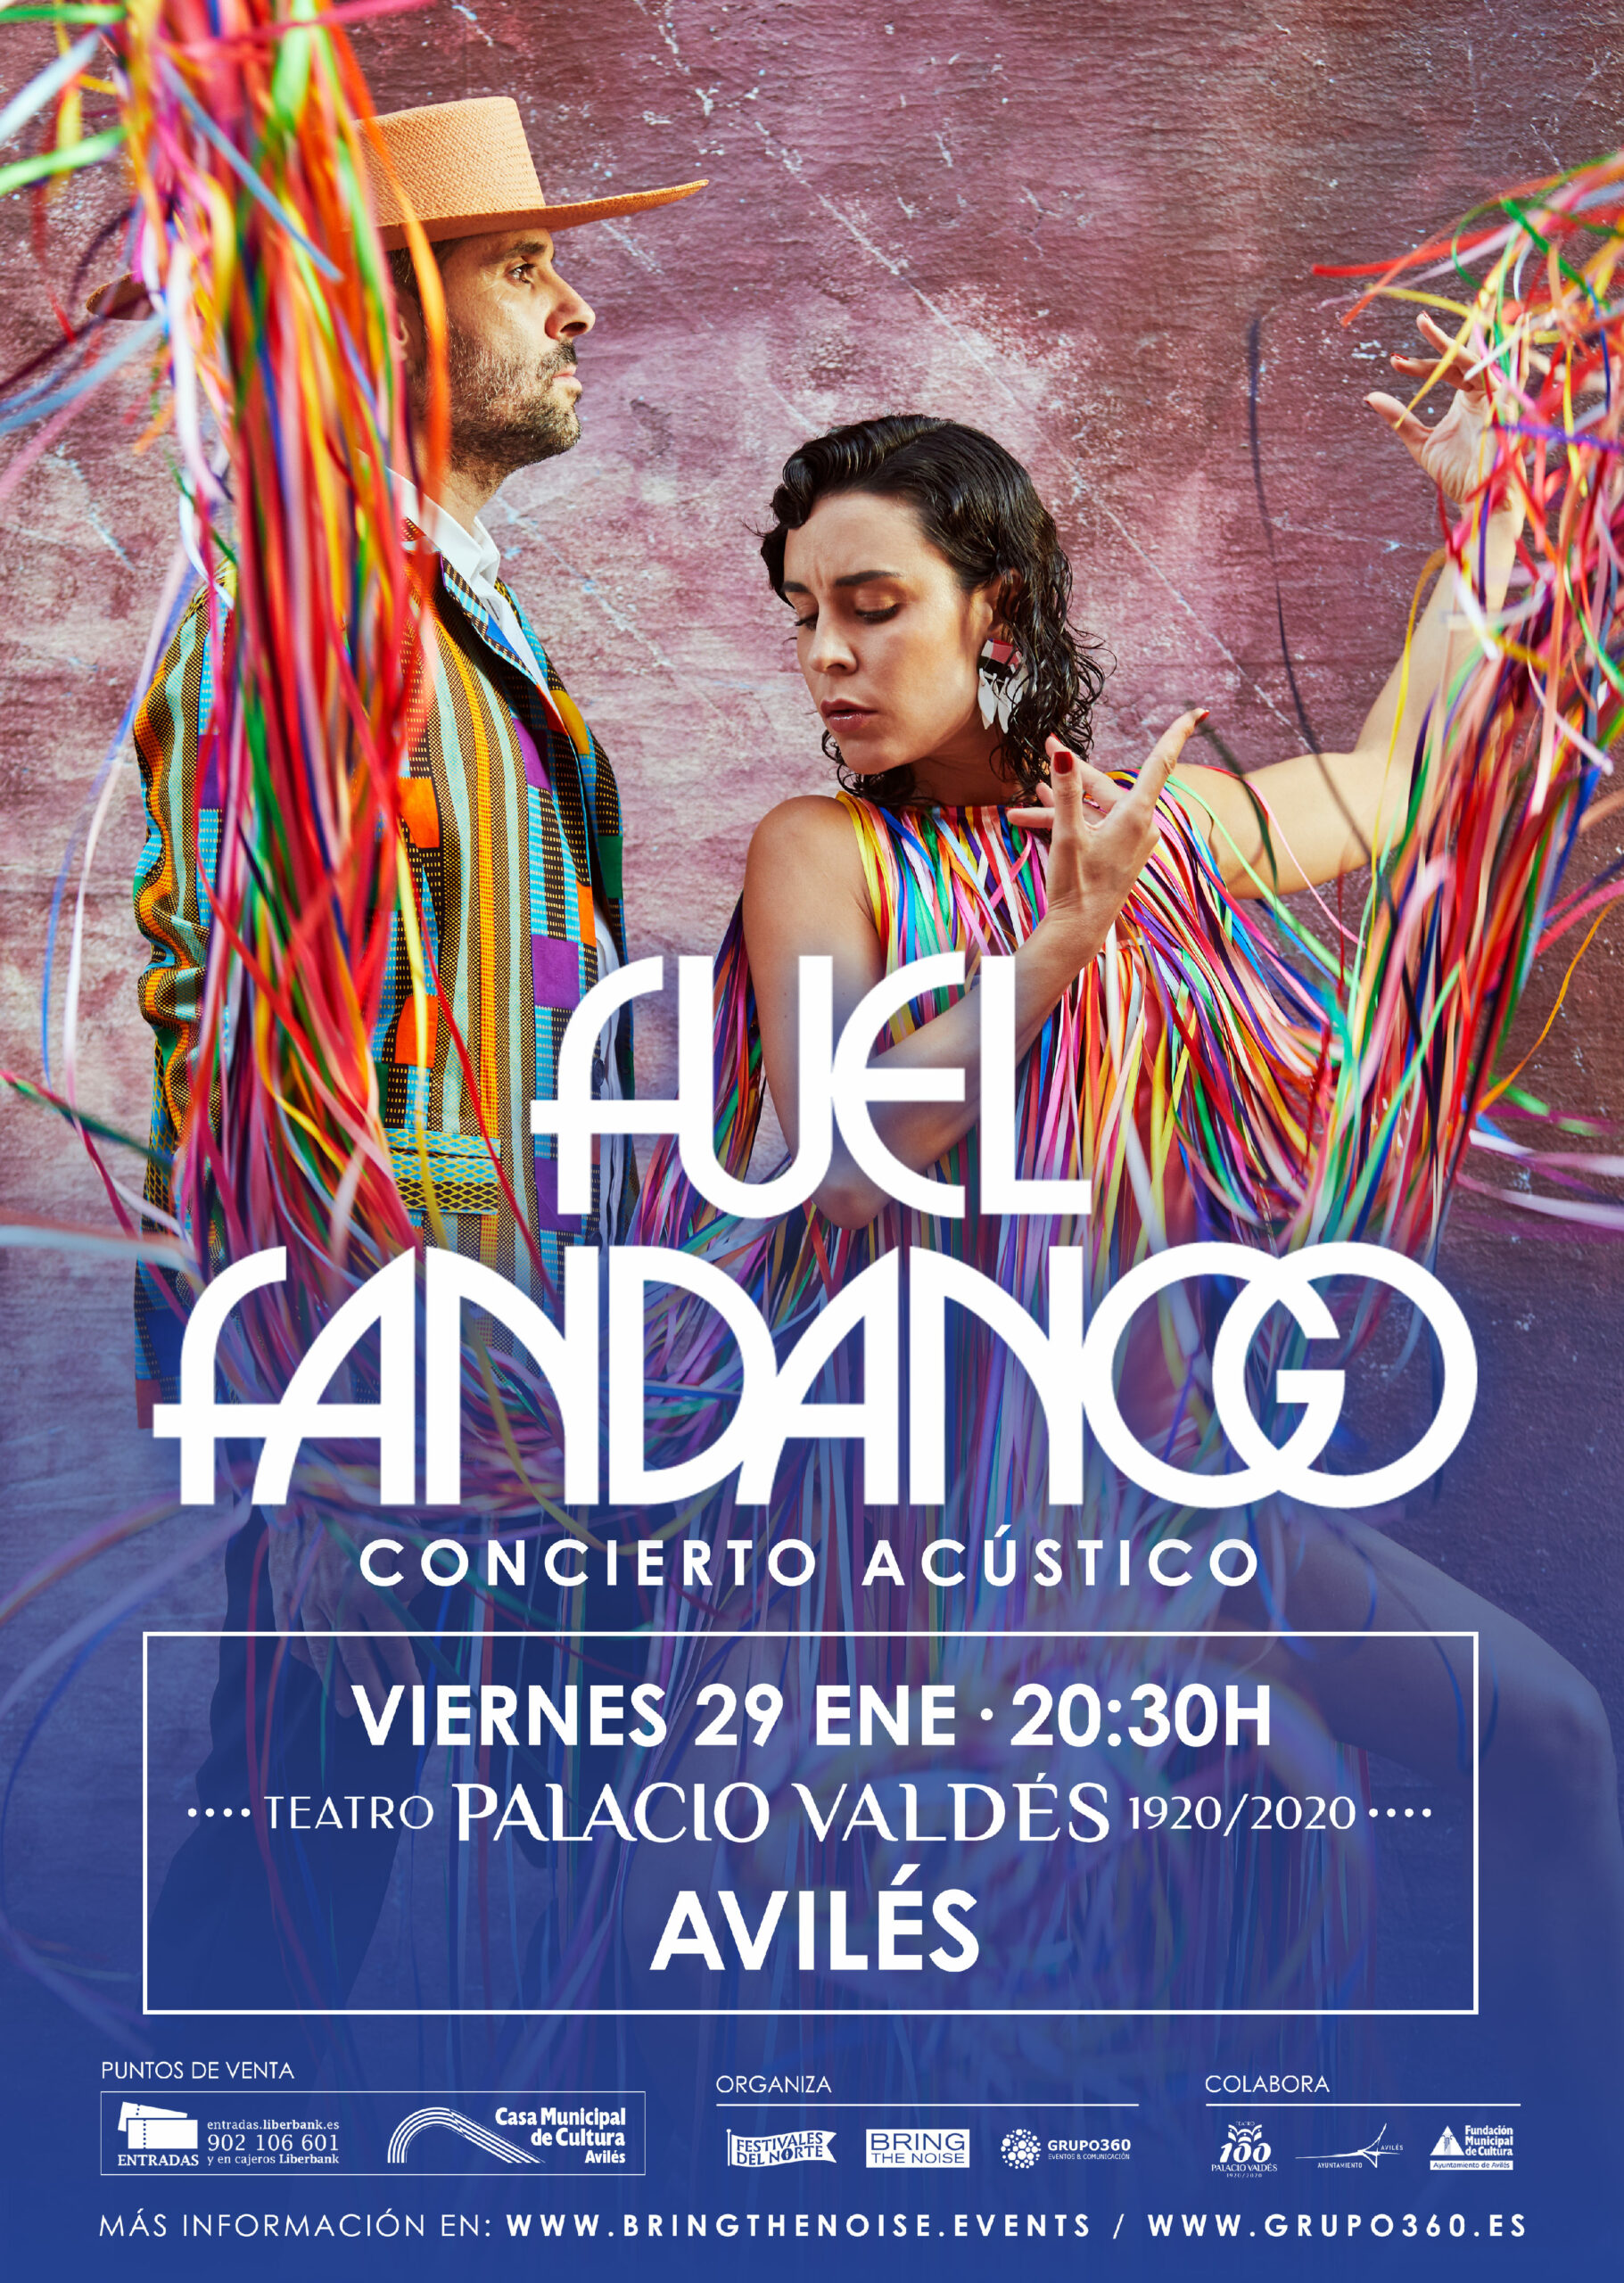 Fuel Fandango en el Teatro Palacio Valdés de Avilés